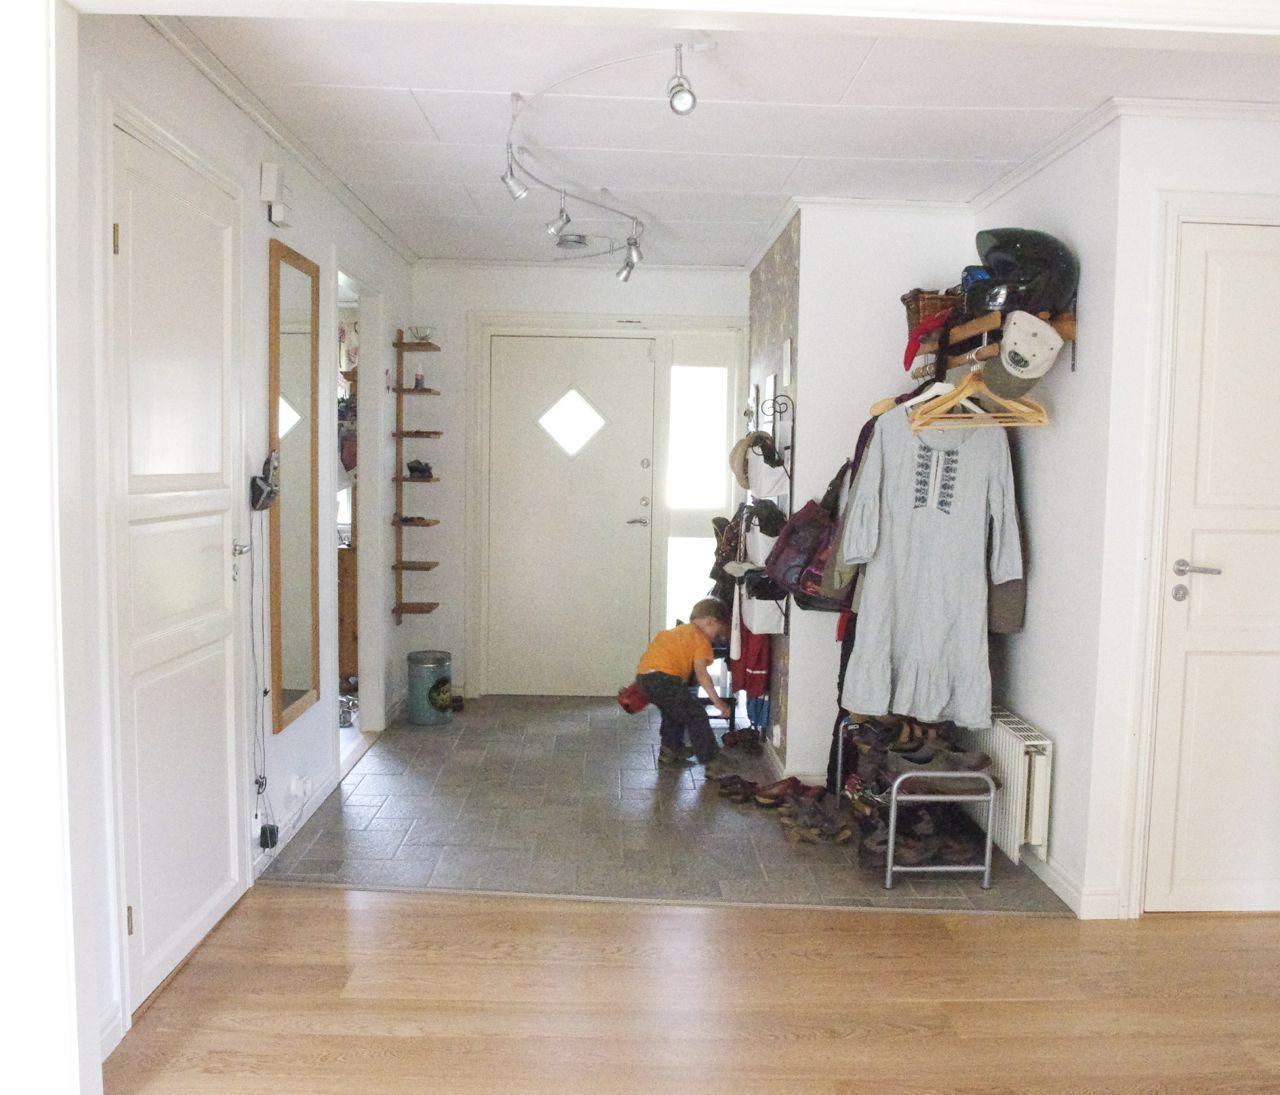 Taklyftet´s Garden Life: Tillbaka blick - Matsal och hall